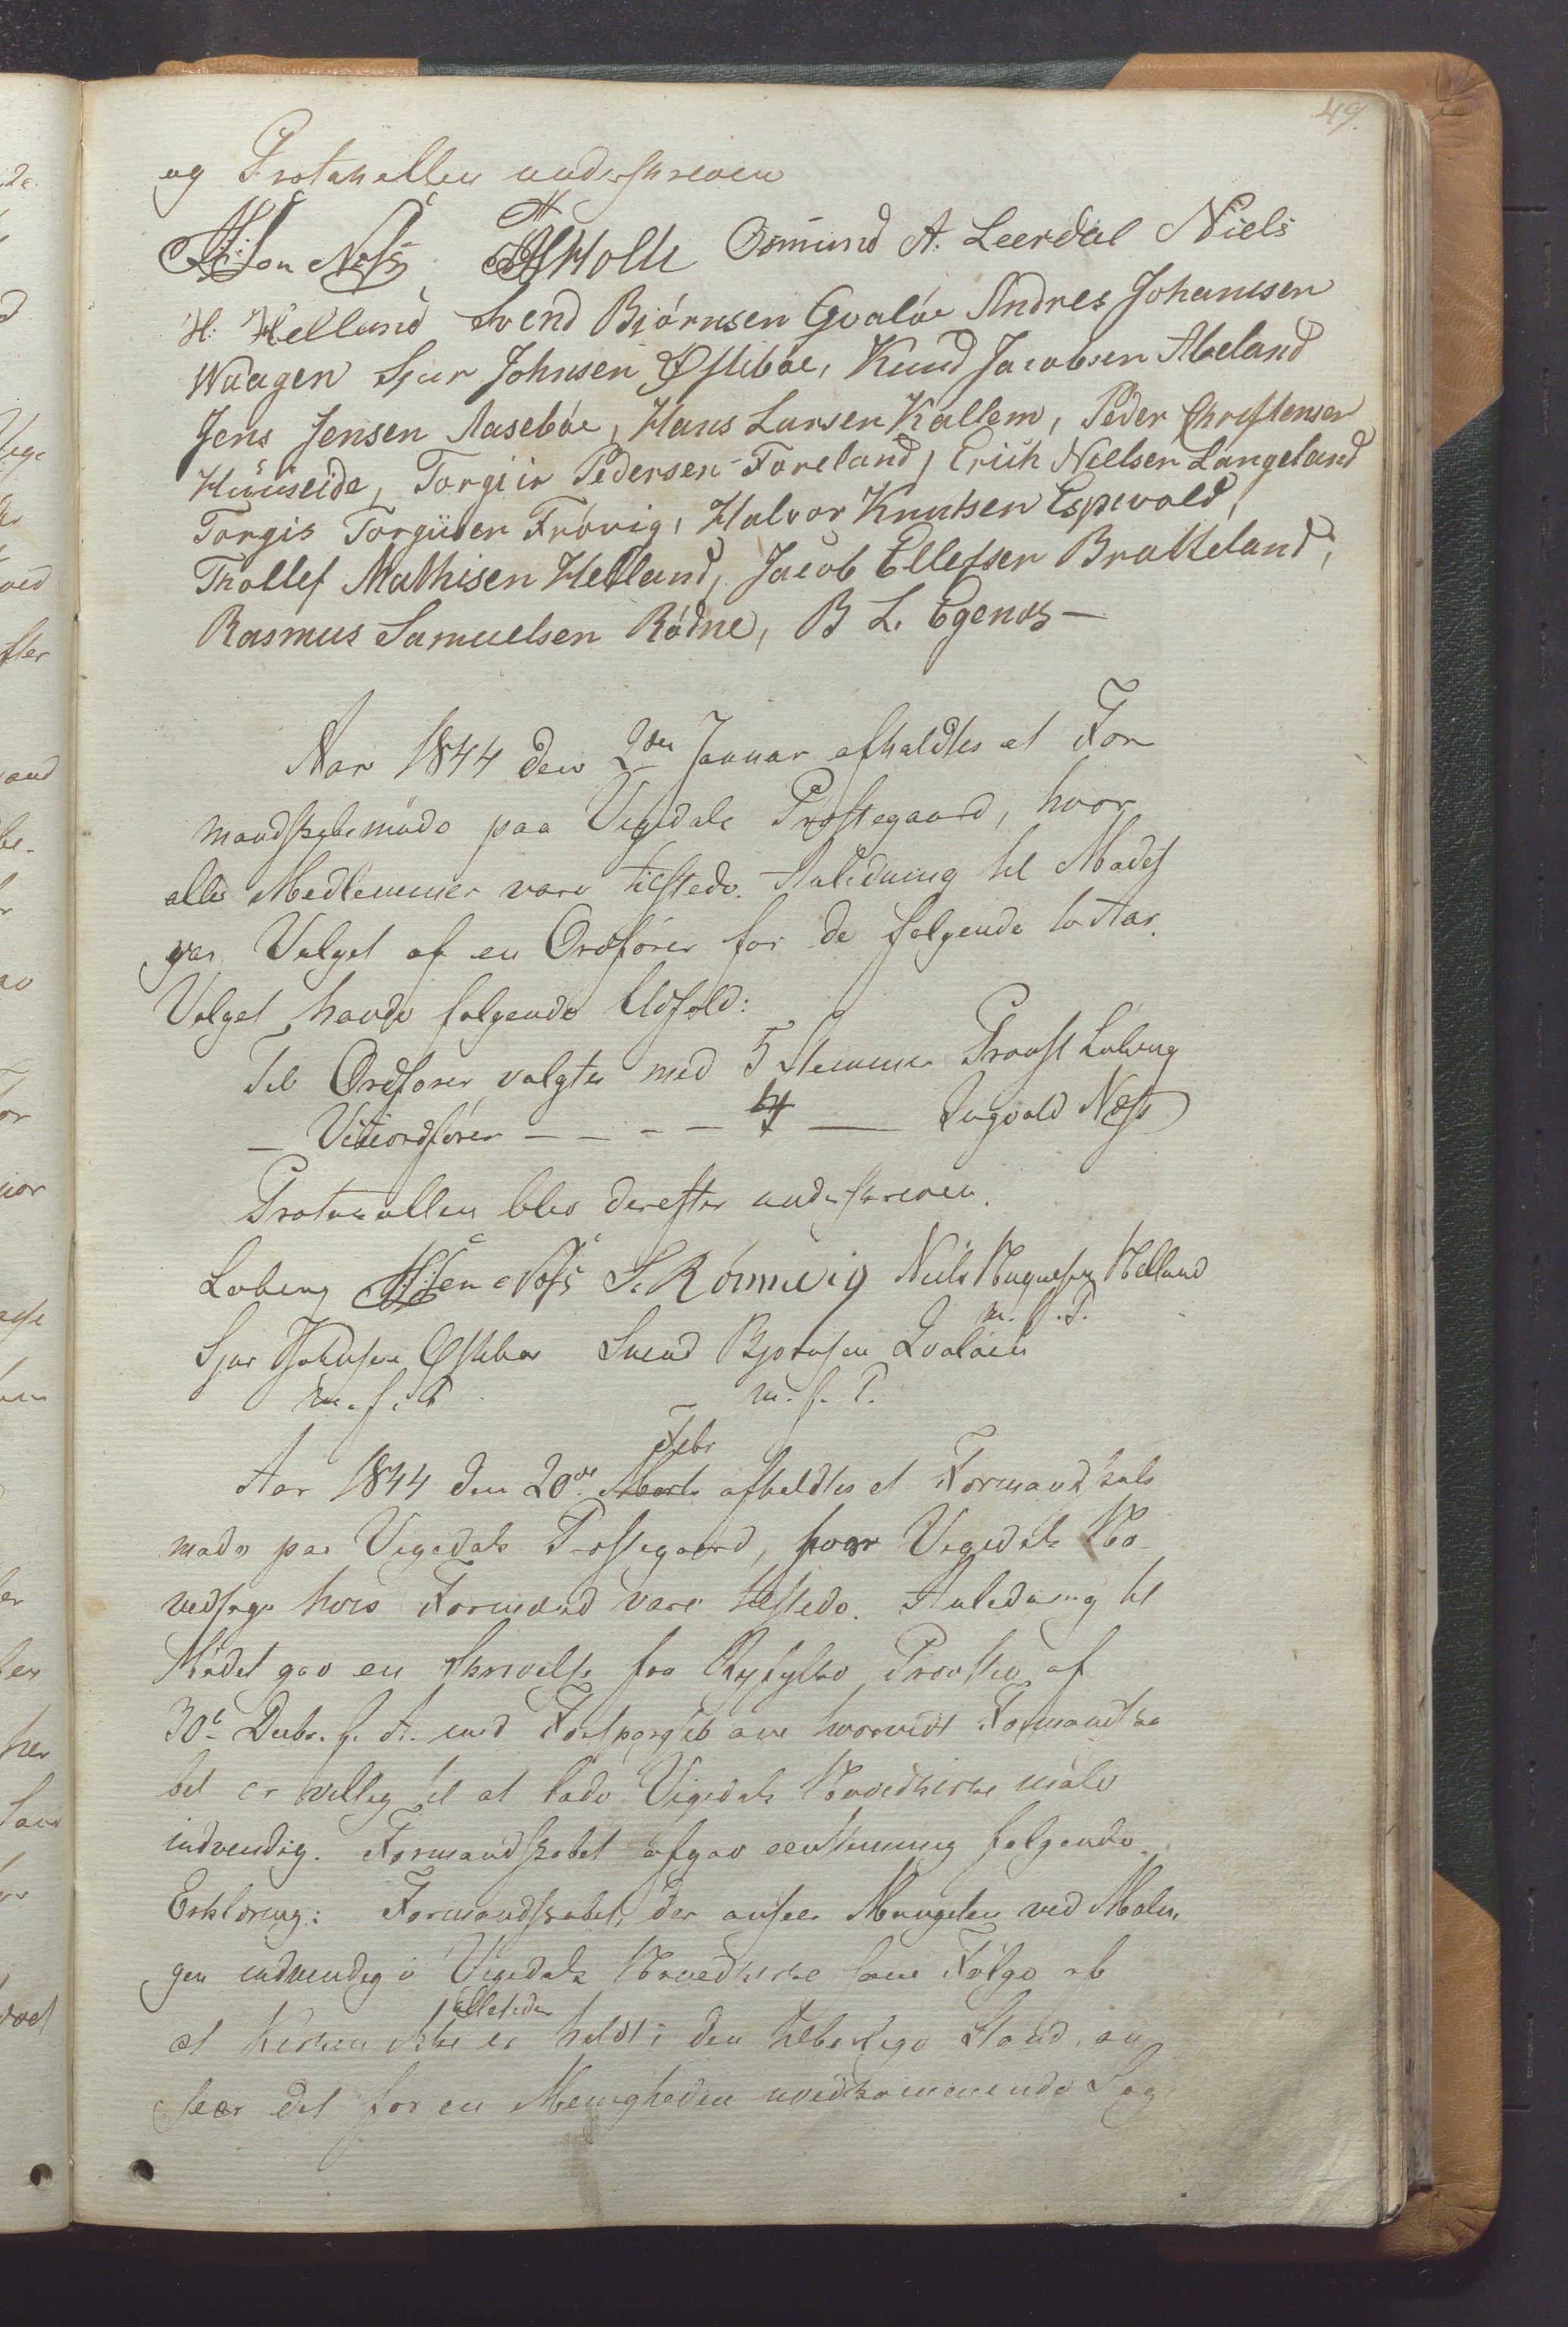 IKAR, Vikedal kommune - Formannskapet, Aaa/L0001: Møtebok, 1837-1874, s. 49a